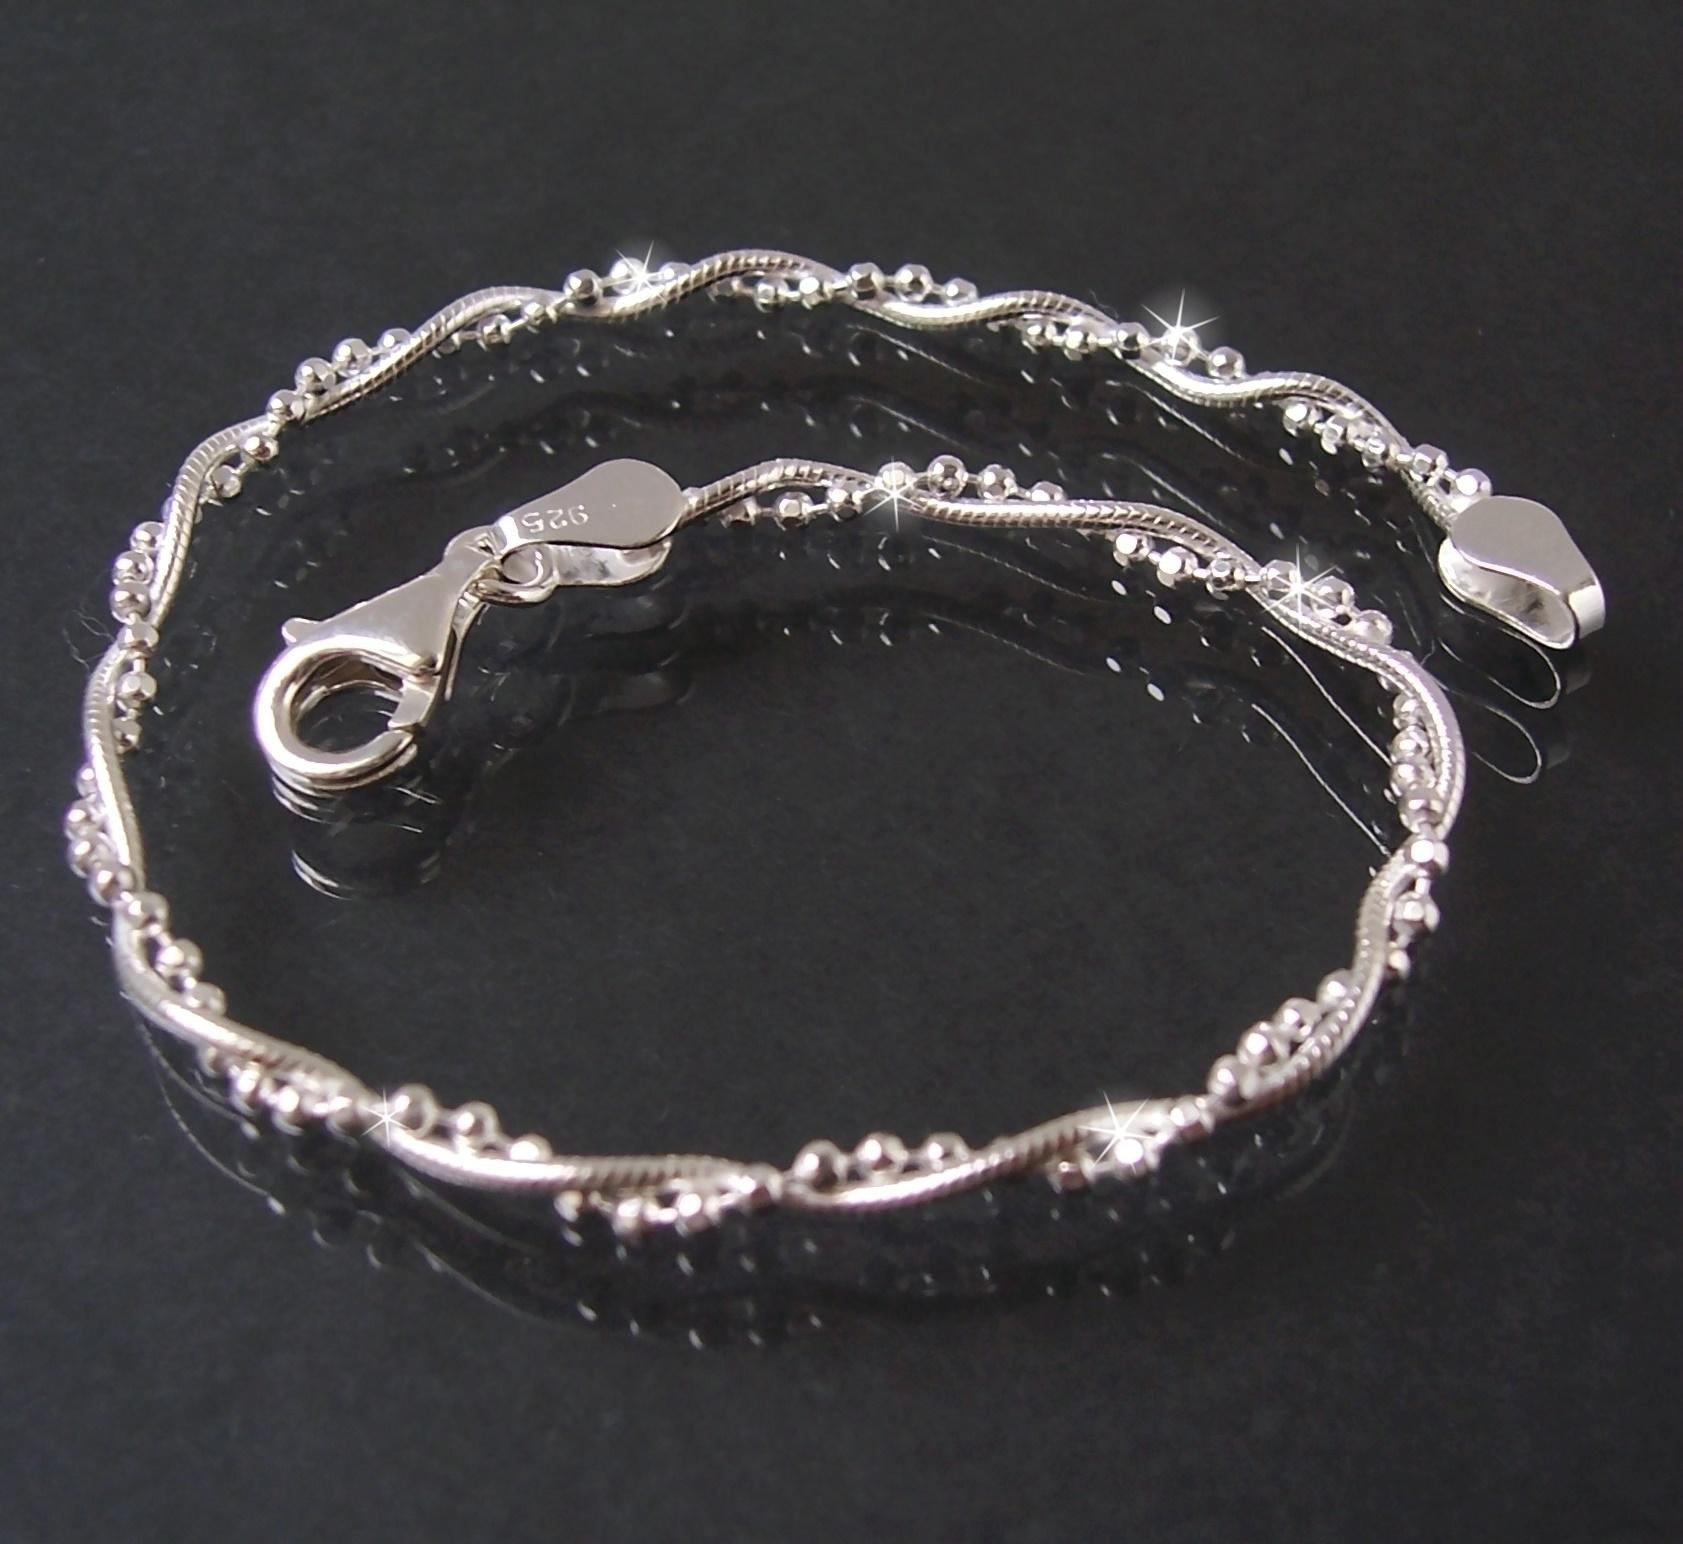 Armkette 2 Ketten Schlangenkette+ Kugelkette 925 Silber 19cm 16822-19